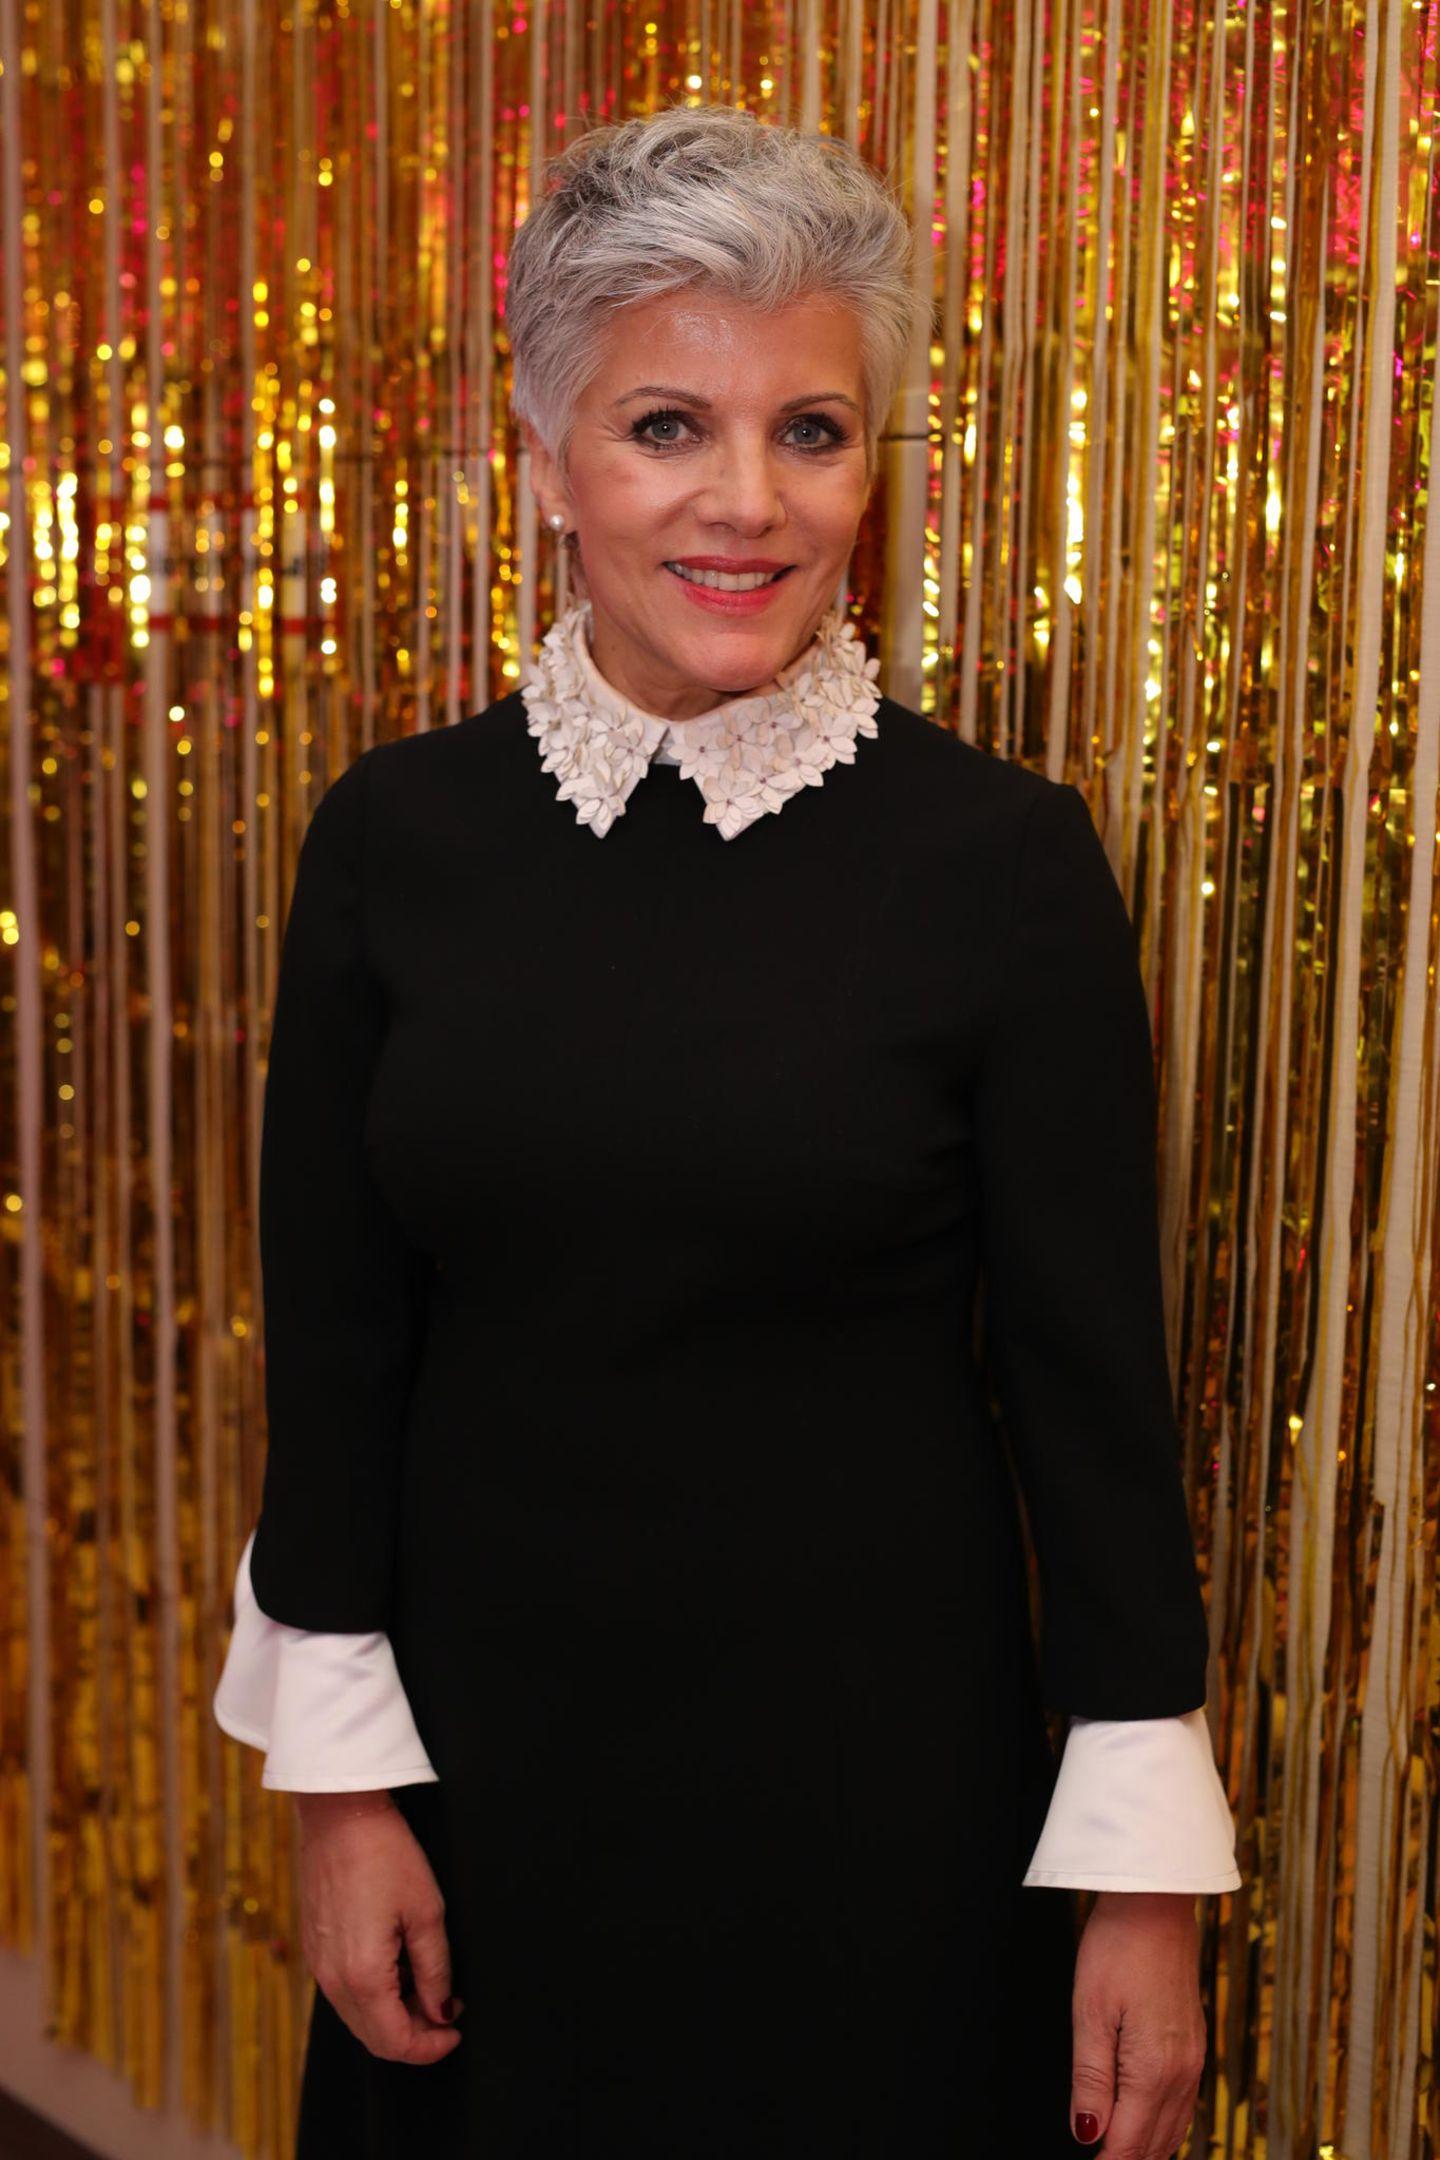 Frisuren ab 60: Birgit Schrowange